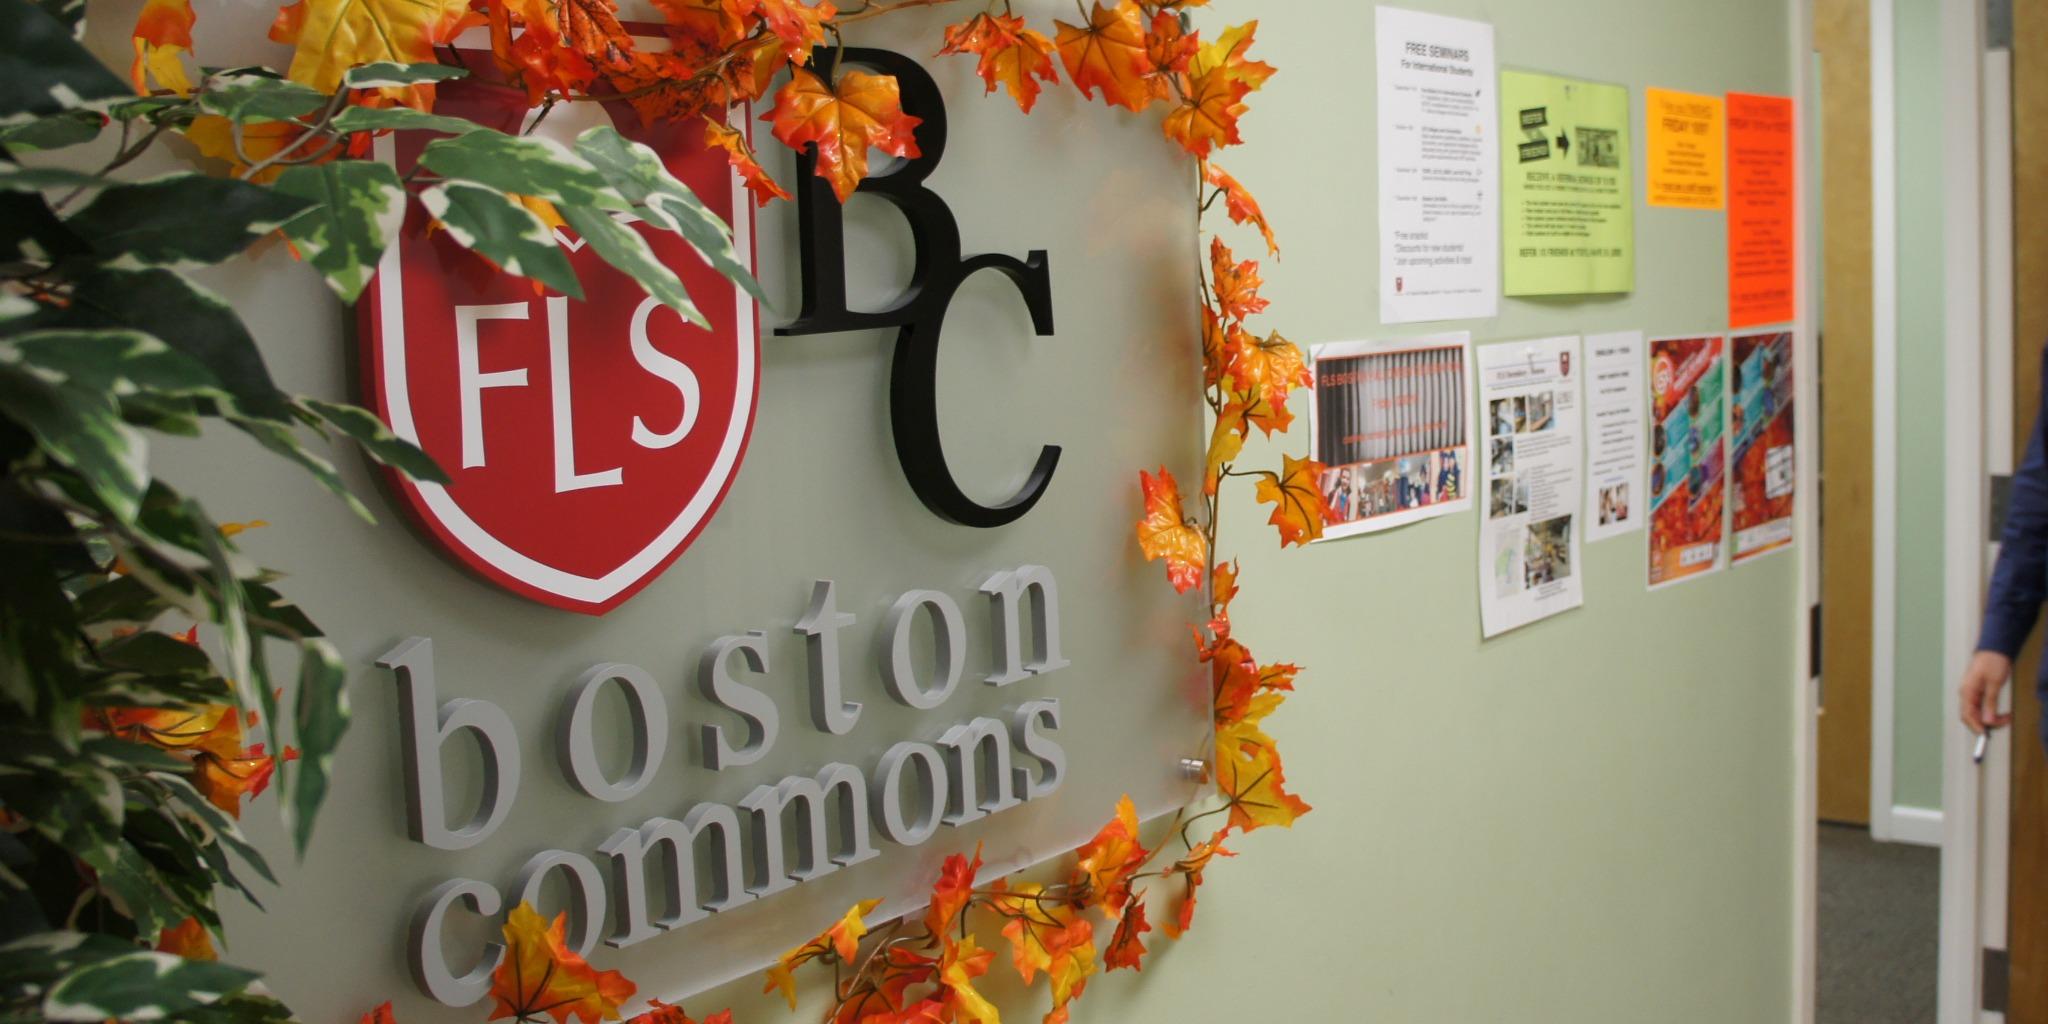 中高生むけ 15才以上夏休み留学 アメリカ・ボストン 英語コース+ボランティア フードバンク ホームステイ滞在 校舎 FLS International Discover Boston